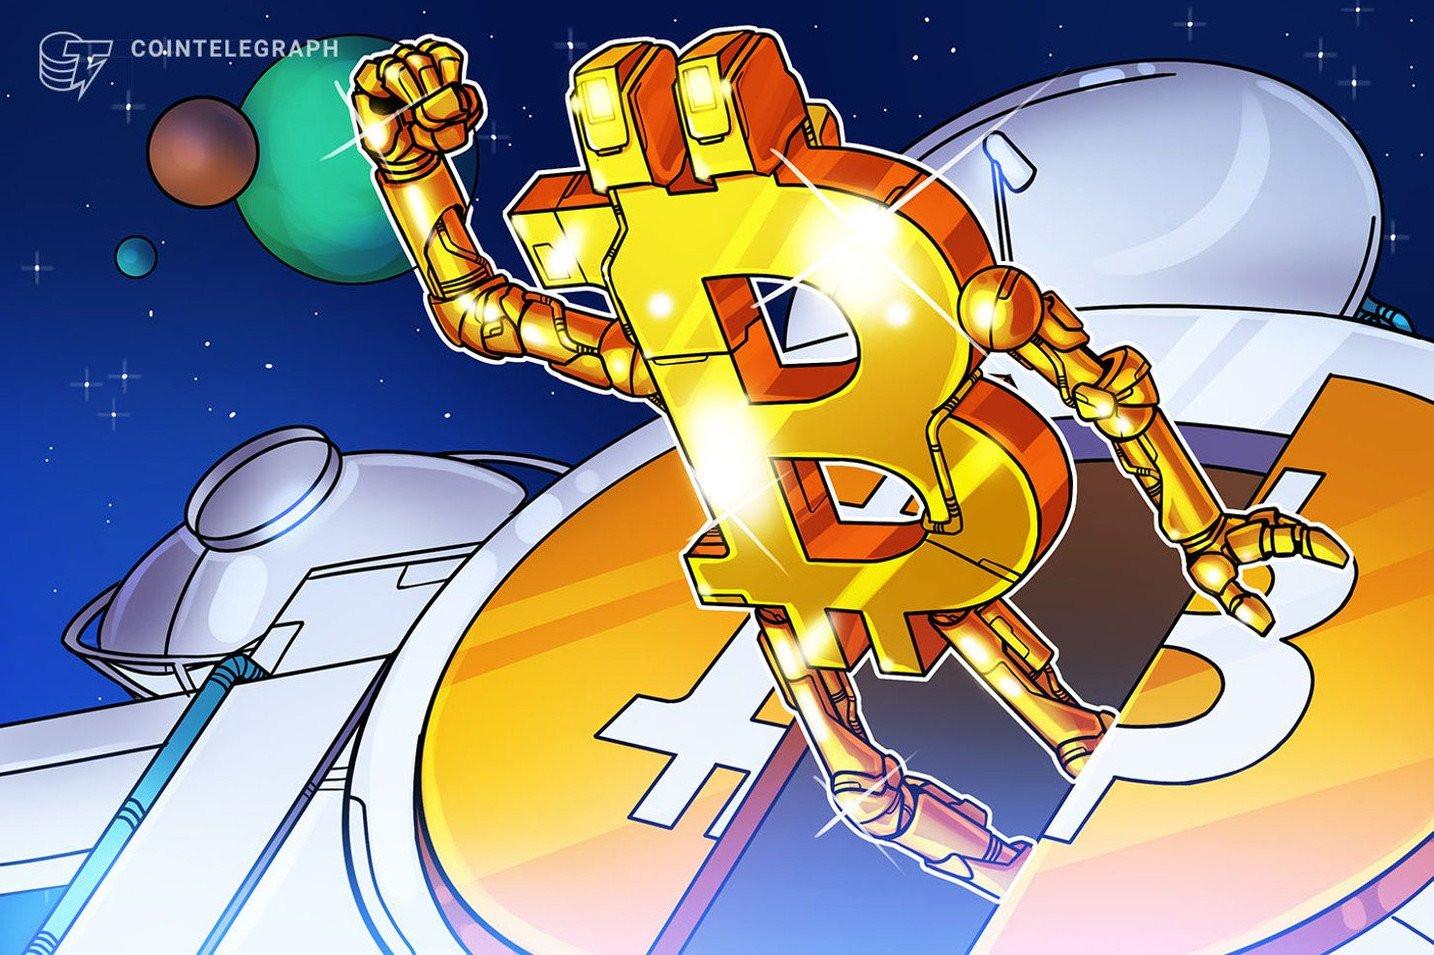 「何かがおかしい」機関投資家向けのプレミアム急落で仮想通貨ビットコインはまもなく上昇か